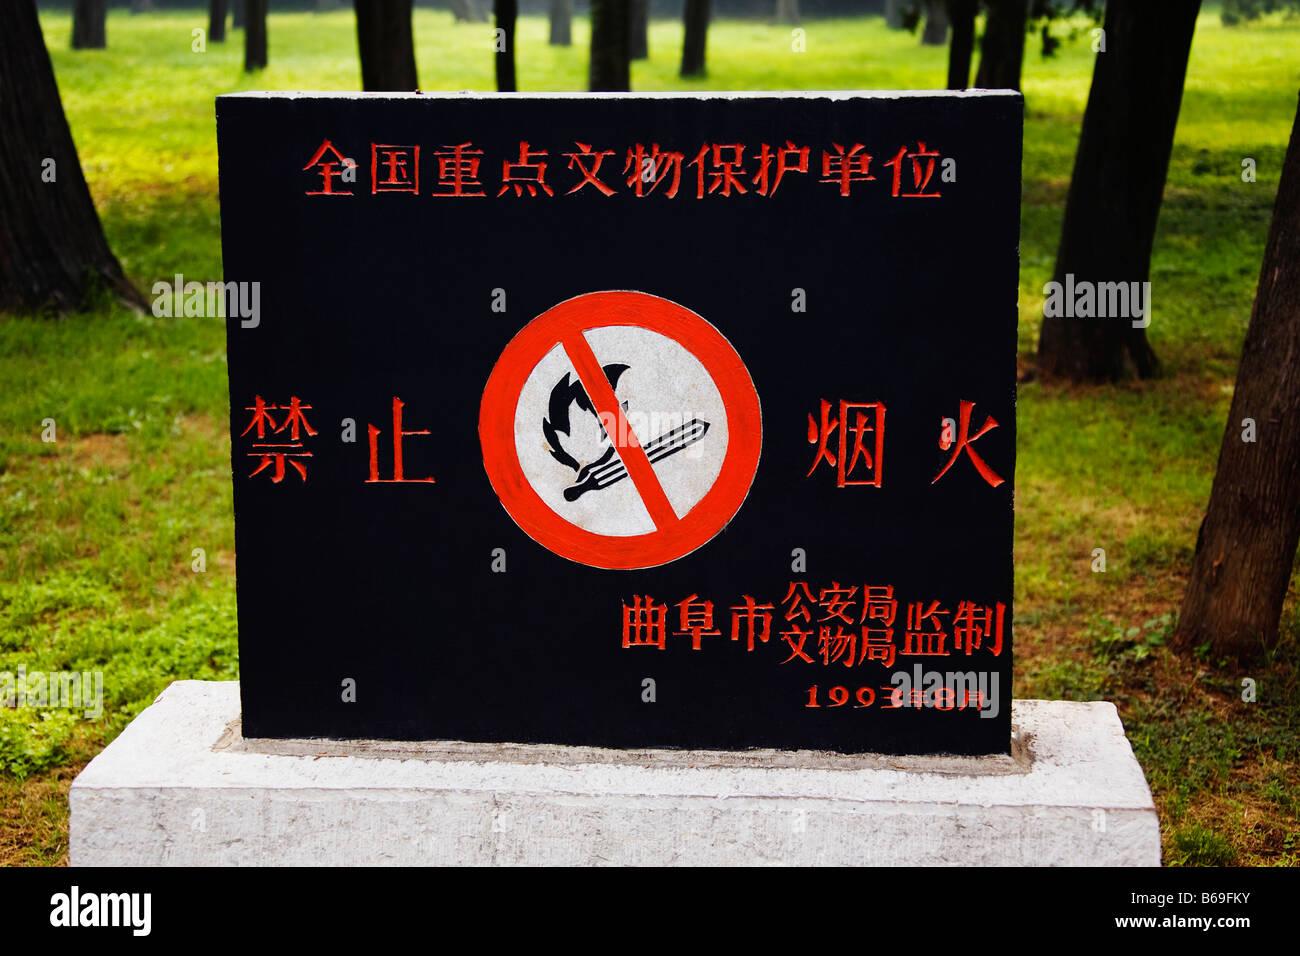 Kein Rauchen Schild in einem Park, Qufu, Provinz Shandong, China Stockbild